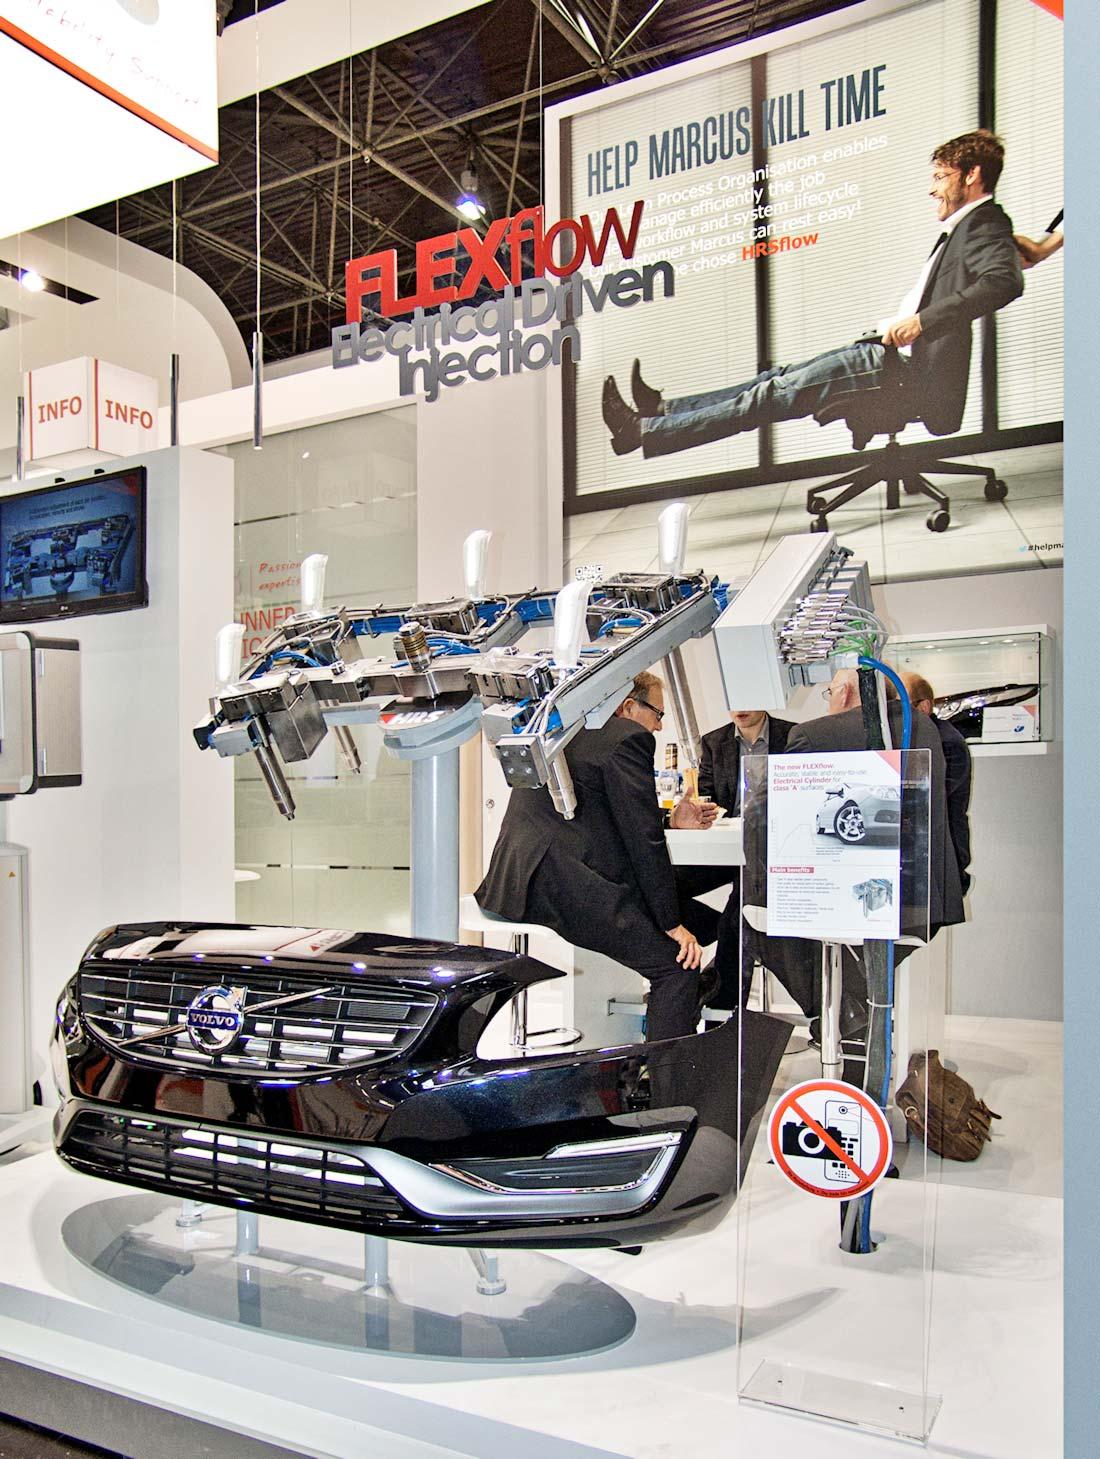 Frontale di una Volvo nello stand HRSflow allestito in occasione della fiera internazionale K 2013 al quartiere fieristico di Düsseldorf